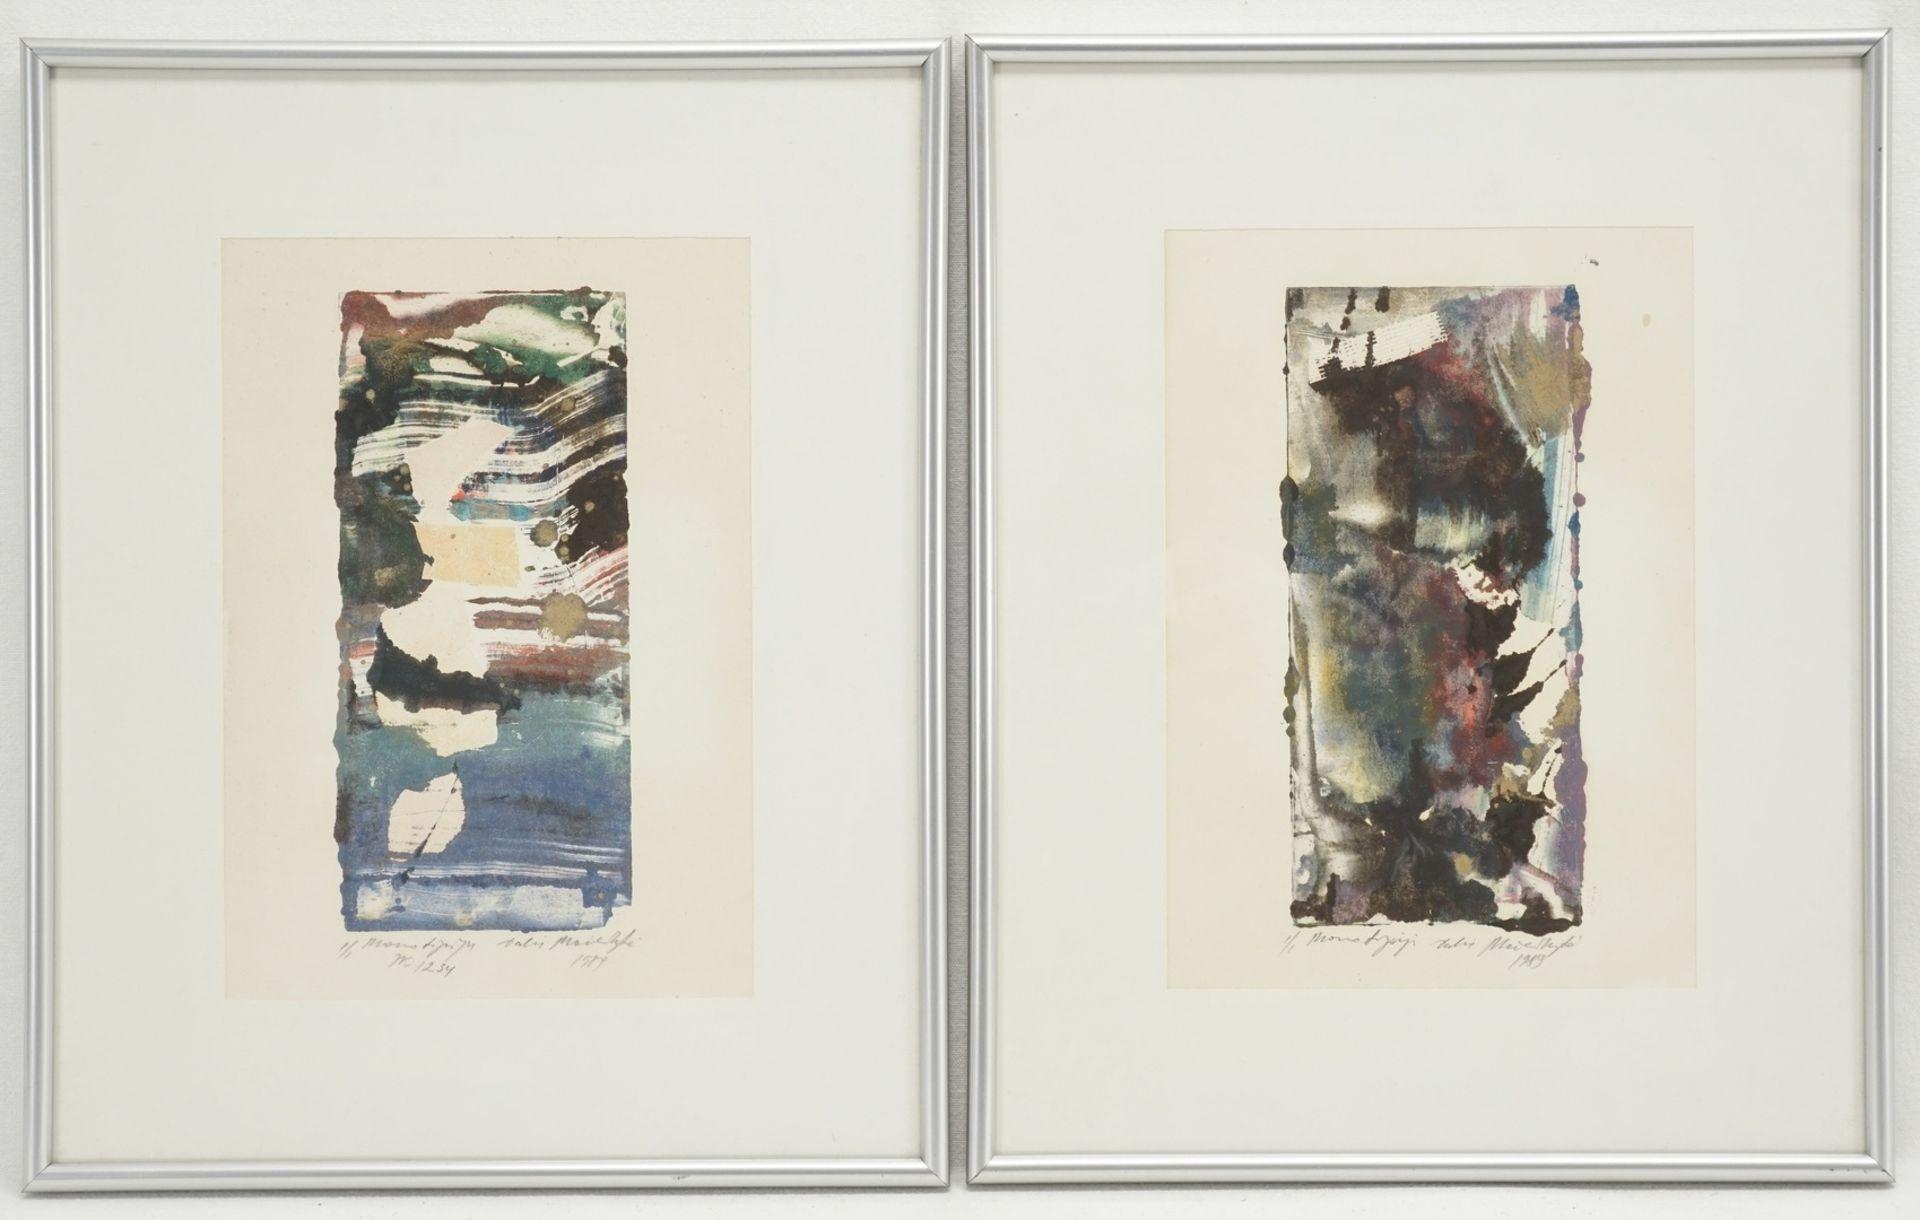 Unbekannter Künstler, drei informelle Kompositionen - Bild 2 aus 4